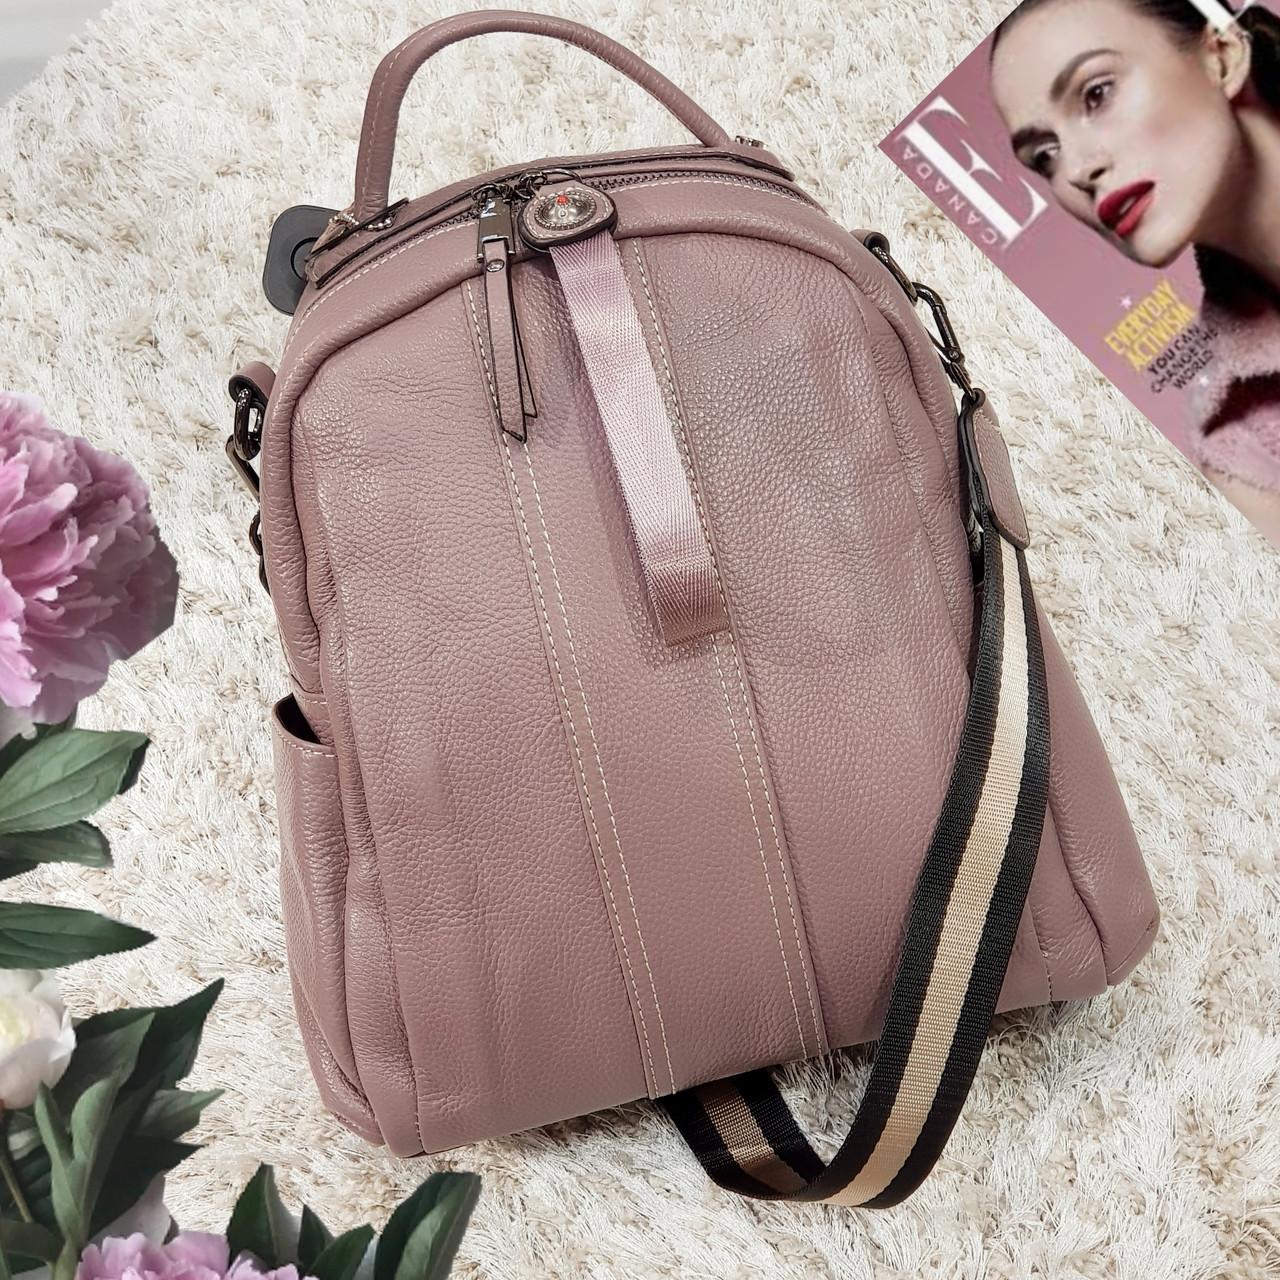 Стильный бежево-розовый рюкзак из натуральной кожи